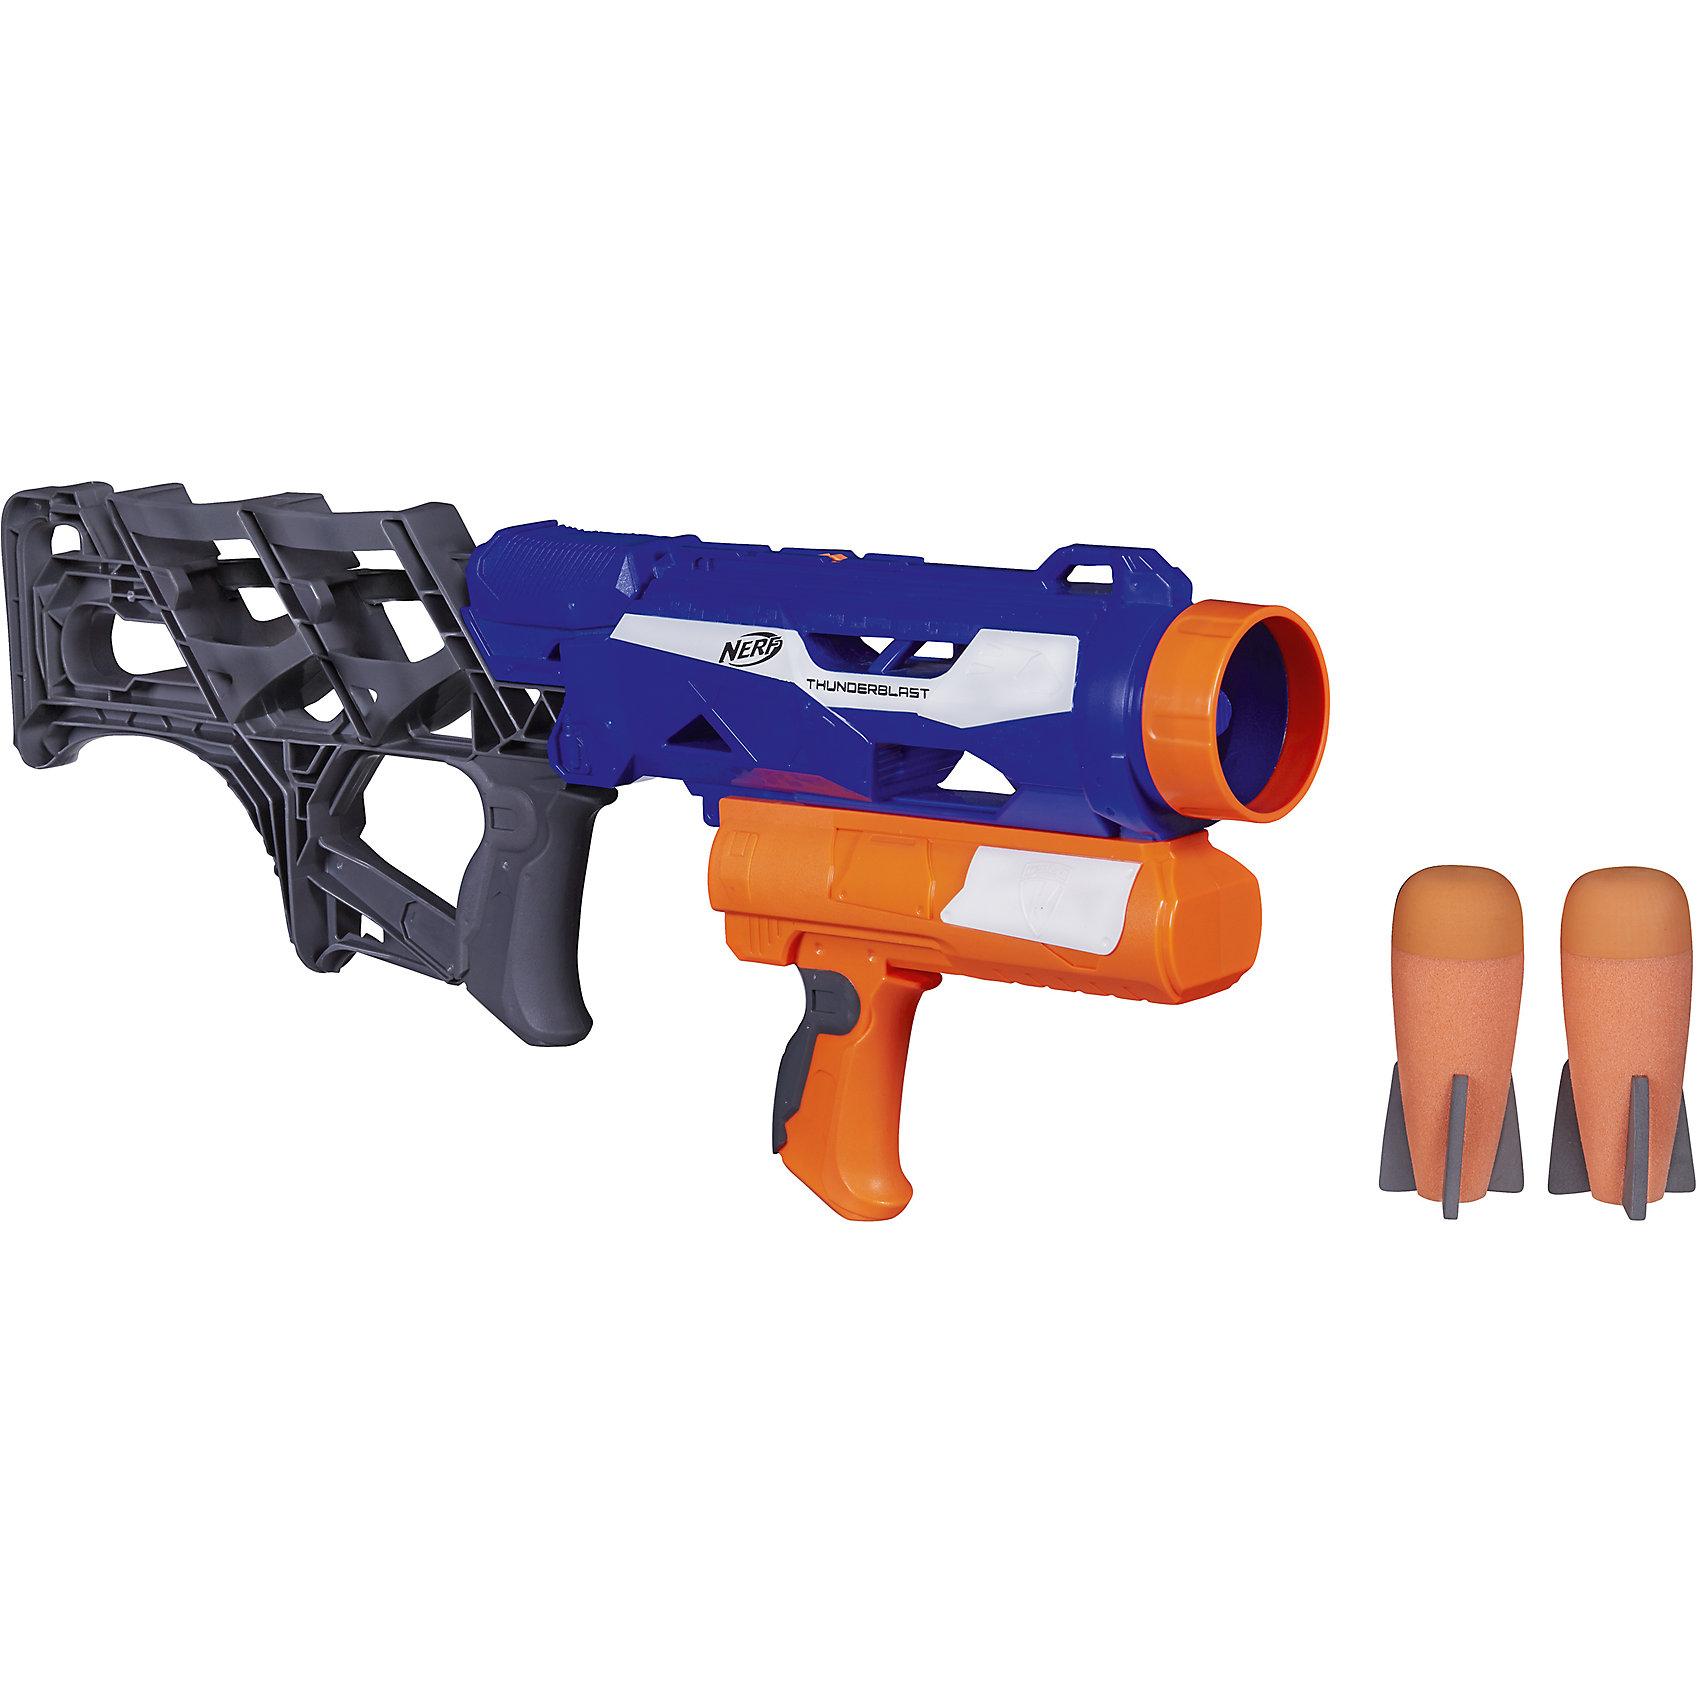 Ракетница Элит, NERFБластеры, пистолеты и прочее<br>С этим супер-бластером ваш ребенок выйдет победителем из любого боя! Ракетница поражает цель на расстоянии свыше 18 метров, имеет удобный корпус эргономичной формы, оружие достаточно легкое, его удобно держать в руках. Бластер выполнен из высококачественных прочных материалов, прекрасный вариант для любой битвы!<br><br>Дополнительная информация:<br><br>- Материал: пластик, металл.<br>- Размер упаковки: 8 х 62,4 х 31,7 см. <br>- Комплектация: бластер, 2 снаряда.<br>- Дальность стрельбы: 18 м.<br><br>Ракетницу Элит, NERF, можно купить в нашем магазине.<br><br>Ширина мм: 81<br>Глубина мм: 625<br>Высота мм: 318<br>Вес г: 2270<br>Возраст от месяцев: 96<br>Возраст до месяцев: 168<br>Пол: Мужской<br>Возраст: Детский<br>SKU: 4230128